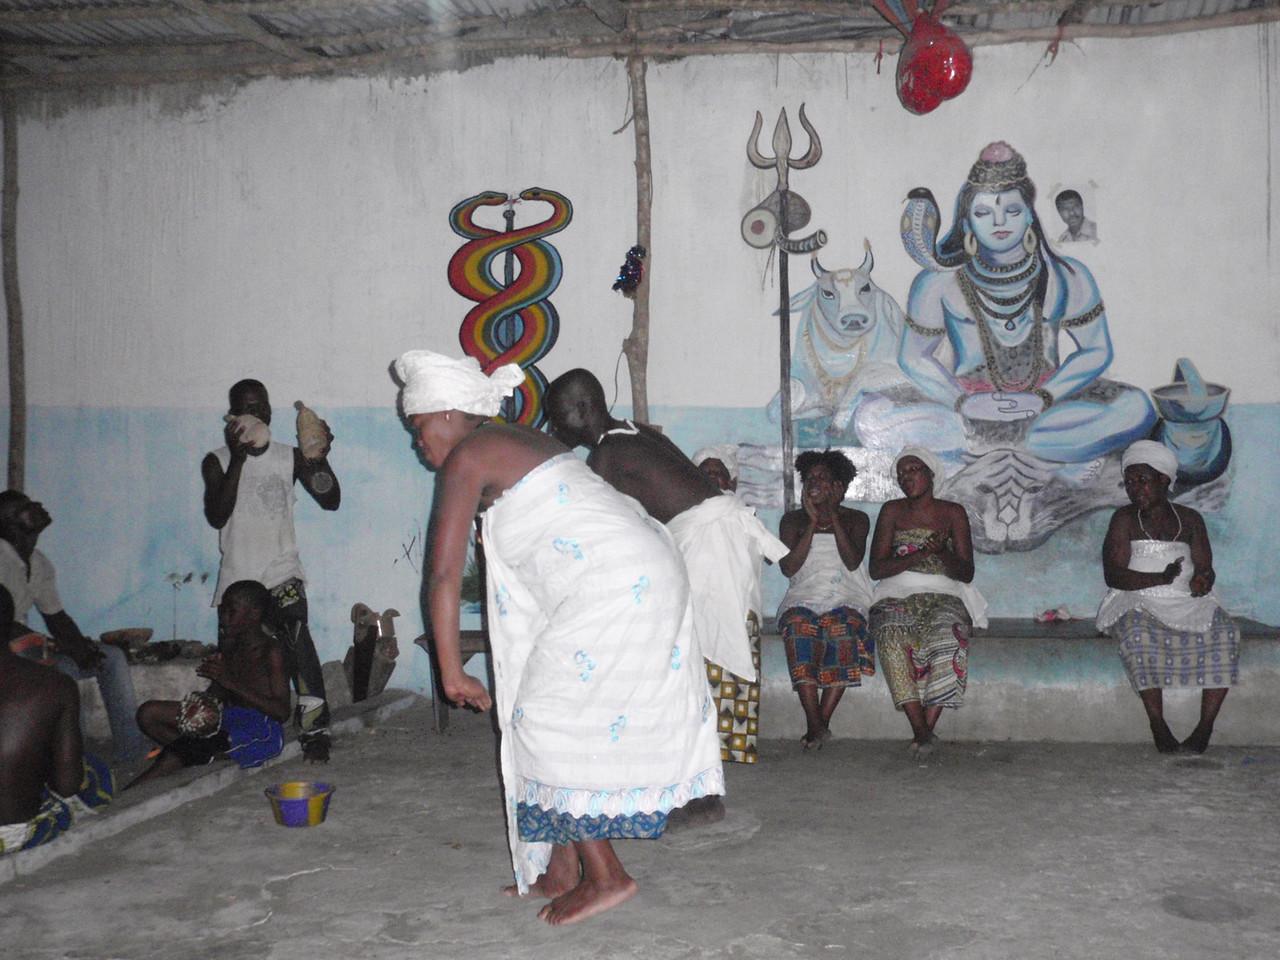 144_Cotonou  Voodoo Ceremony  Percussions, Chants, Devotion